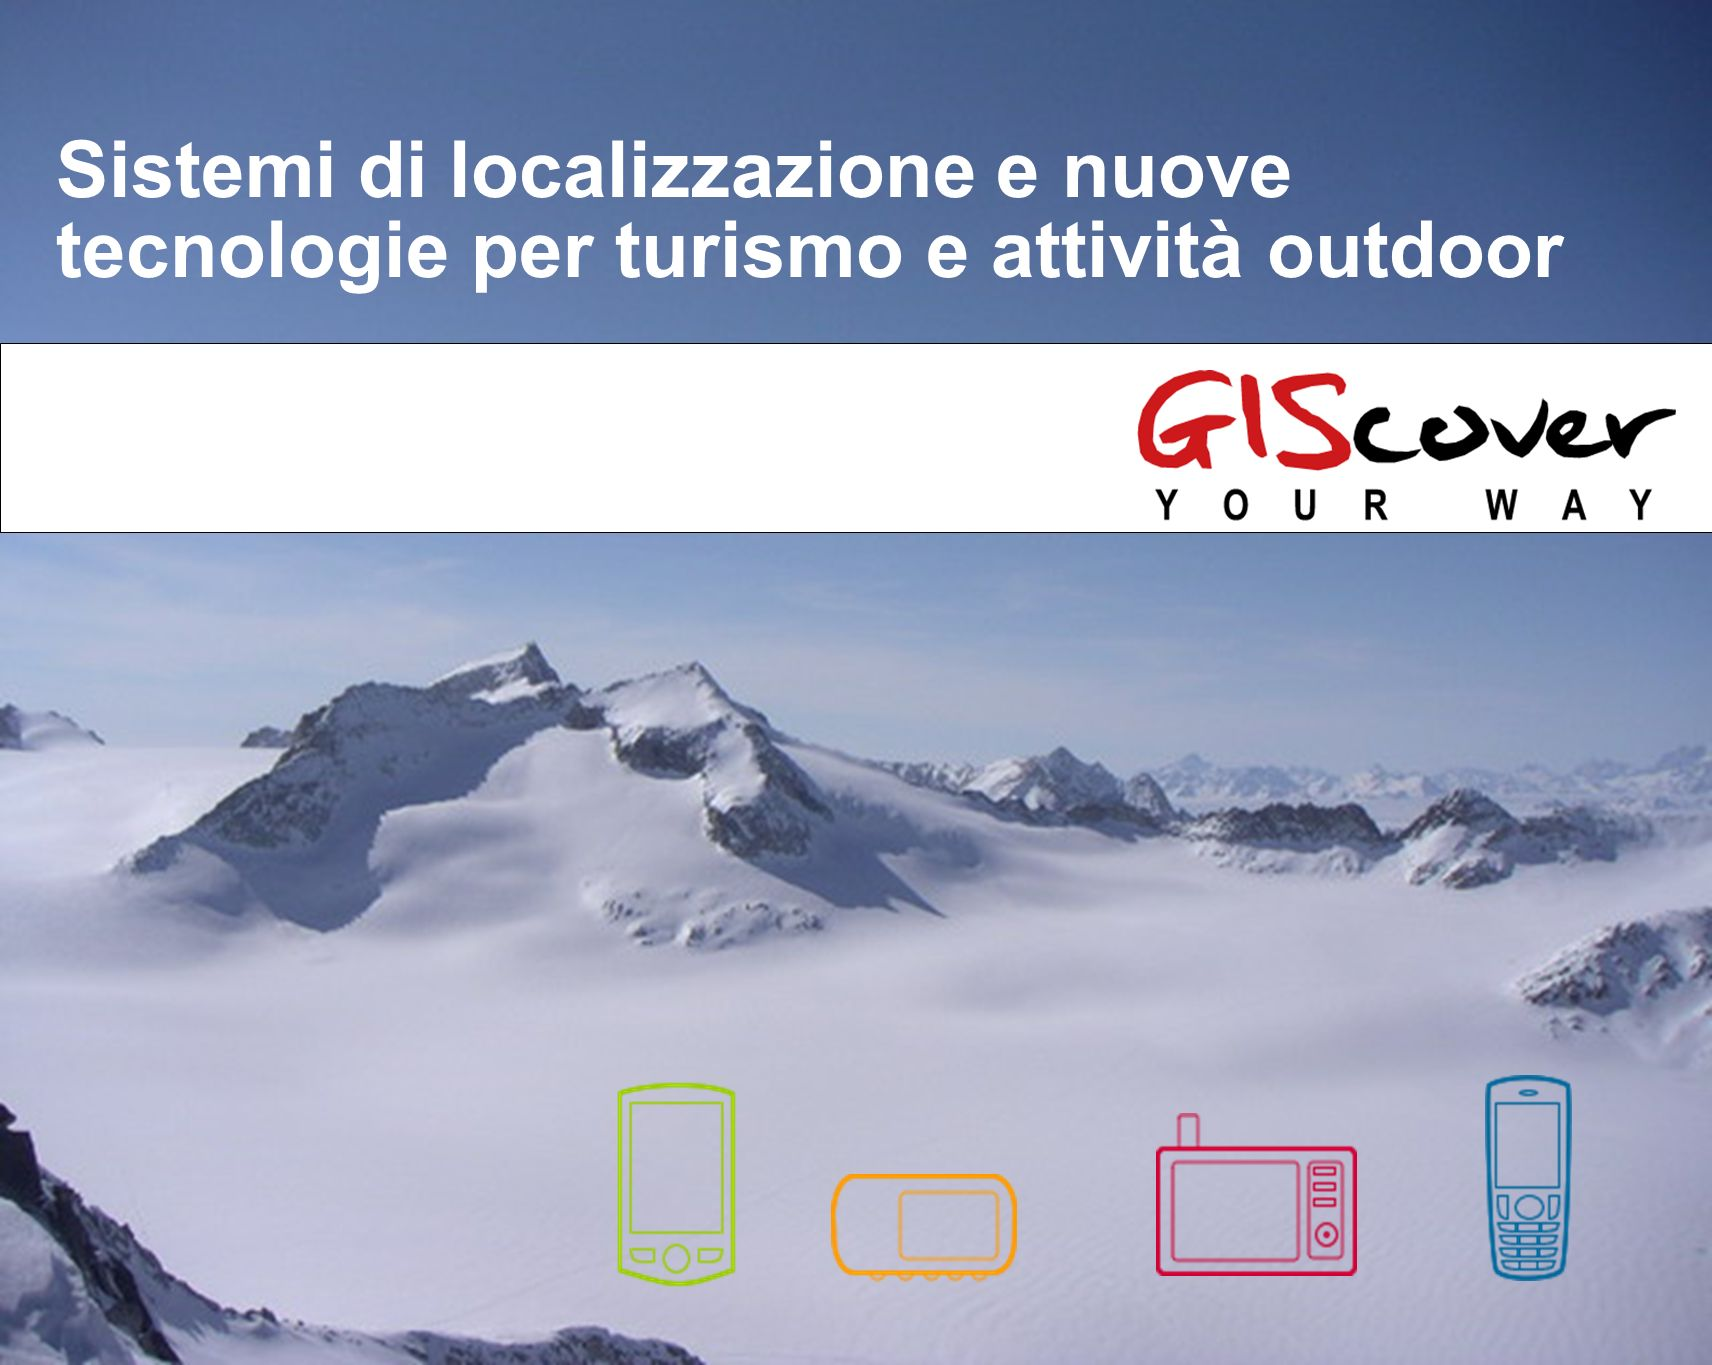 Sistemi di localizzazione e nuove tecnologie per turismo e attività outdoor